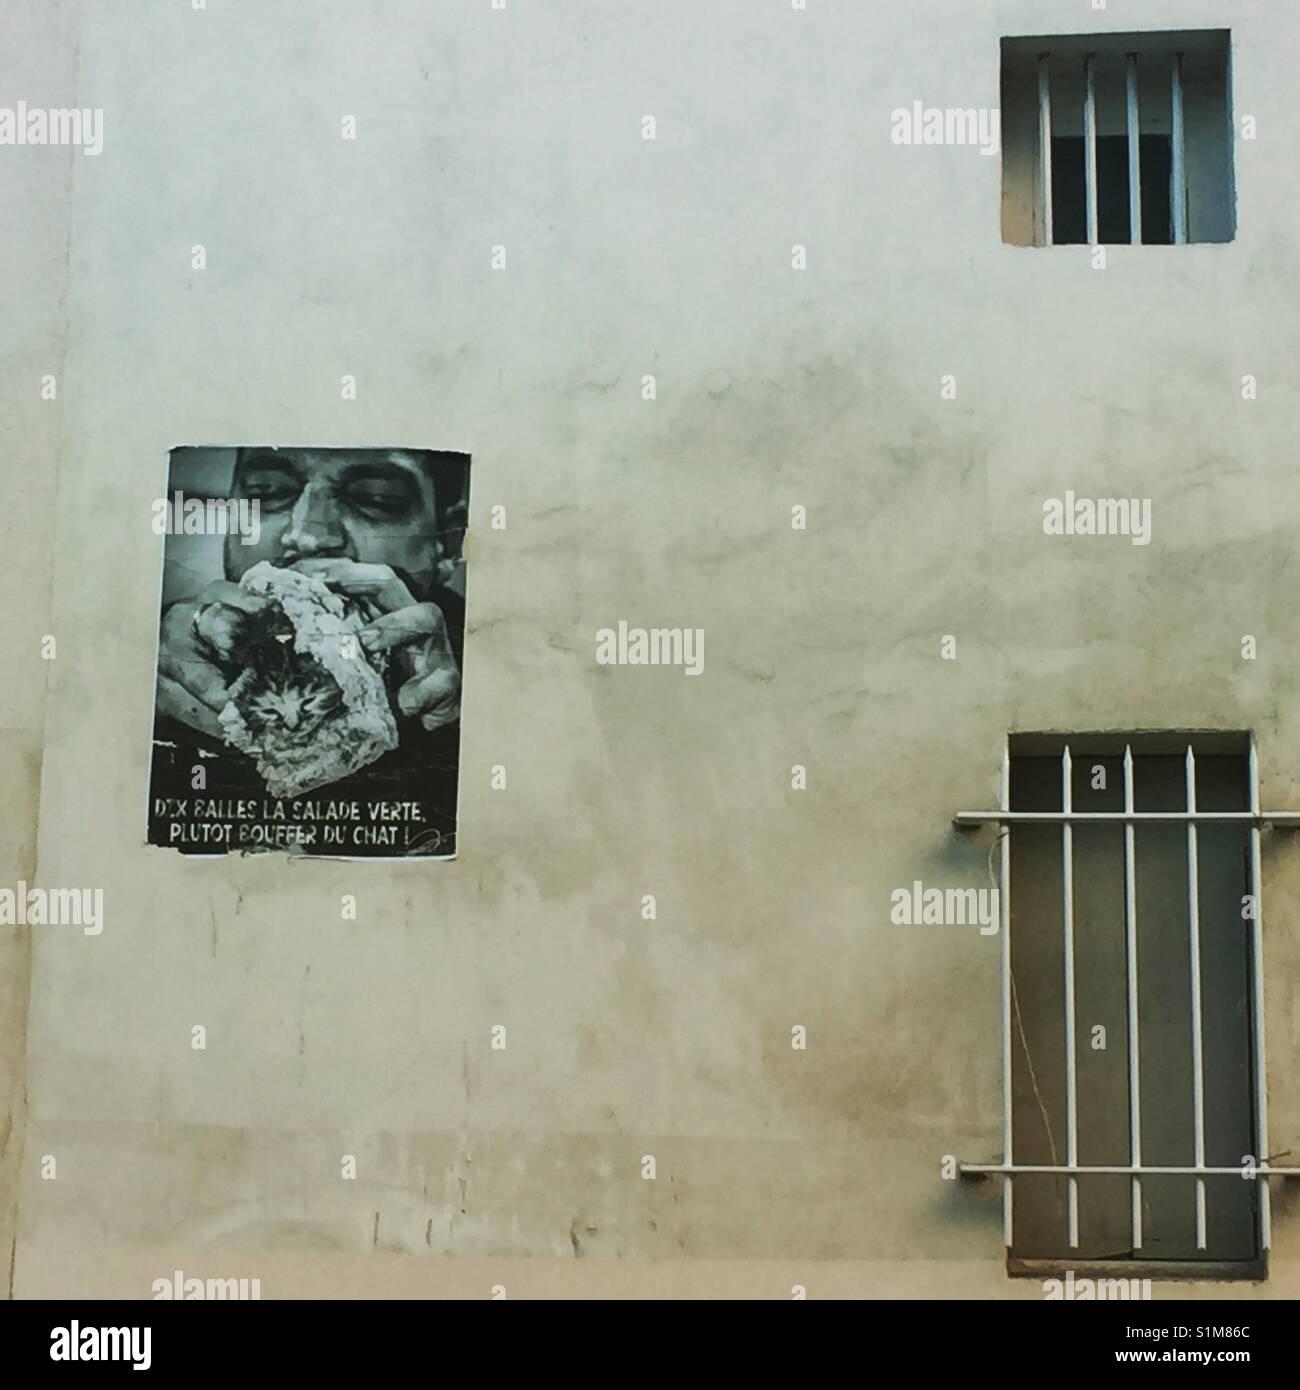 Avignon, Südfrankreich, Häuserwand mit vergitterten Fenstern und Plakat mit Werbung Stock Photo